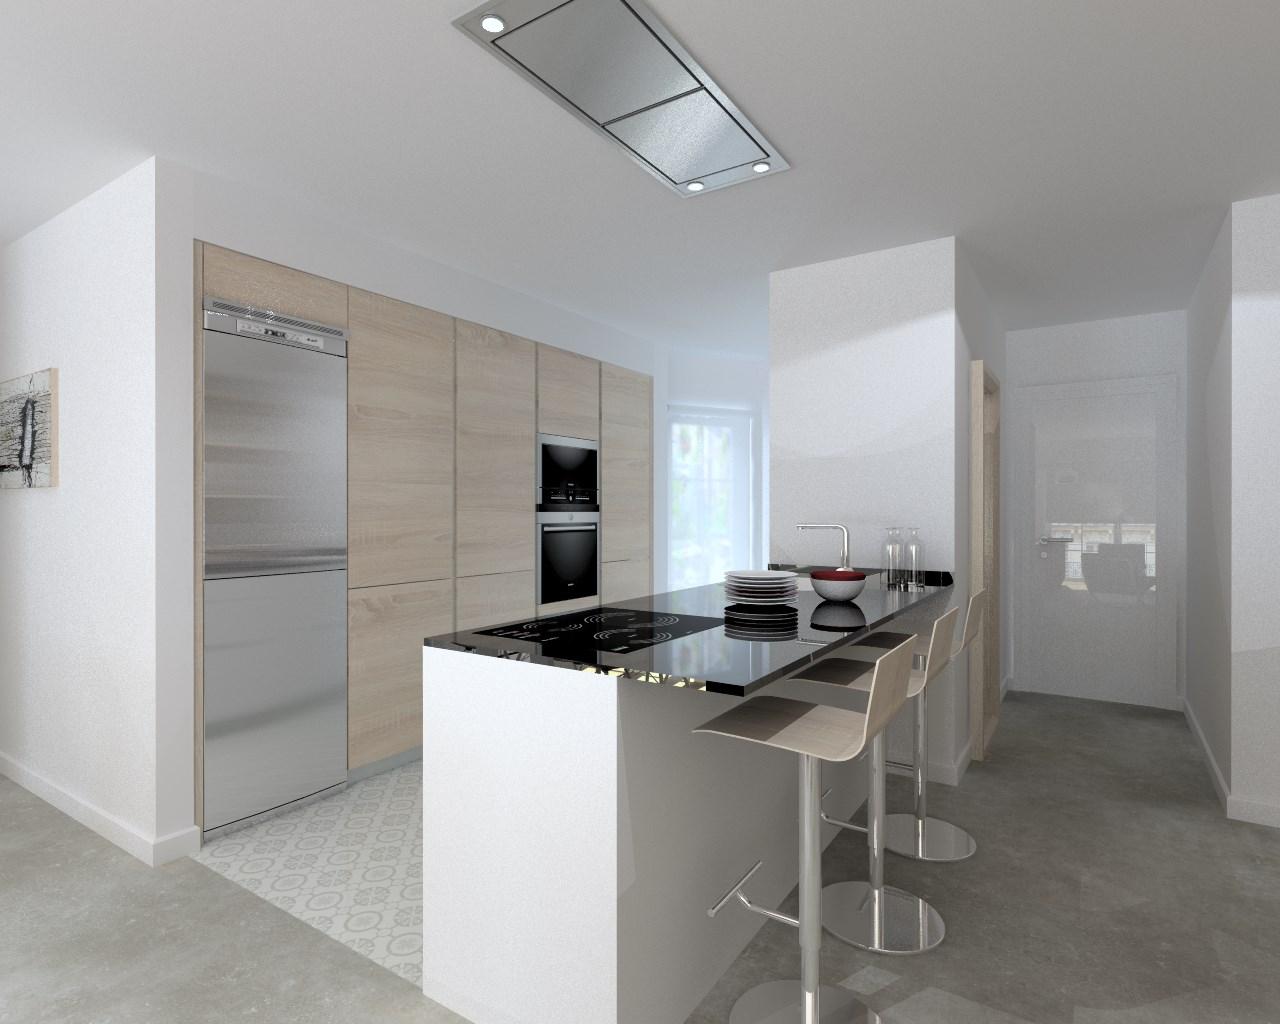 Cocina santos modelo line e blanco encimera granito negro for Cocina blanca encimera granito negra